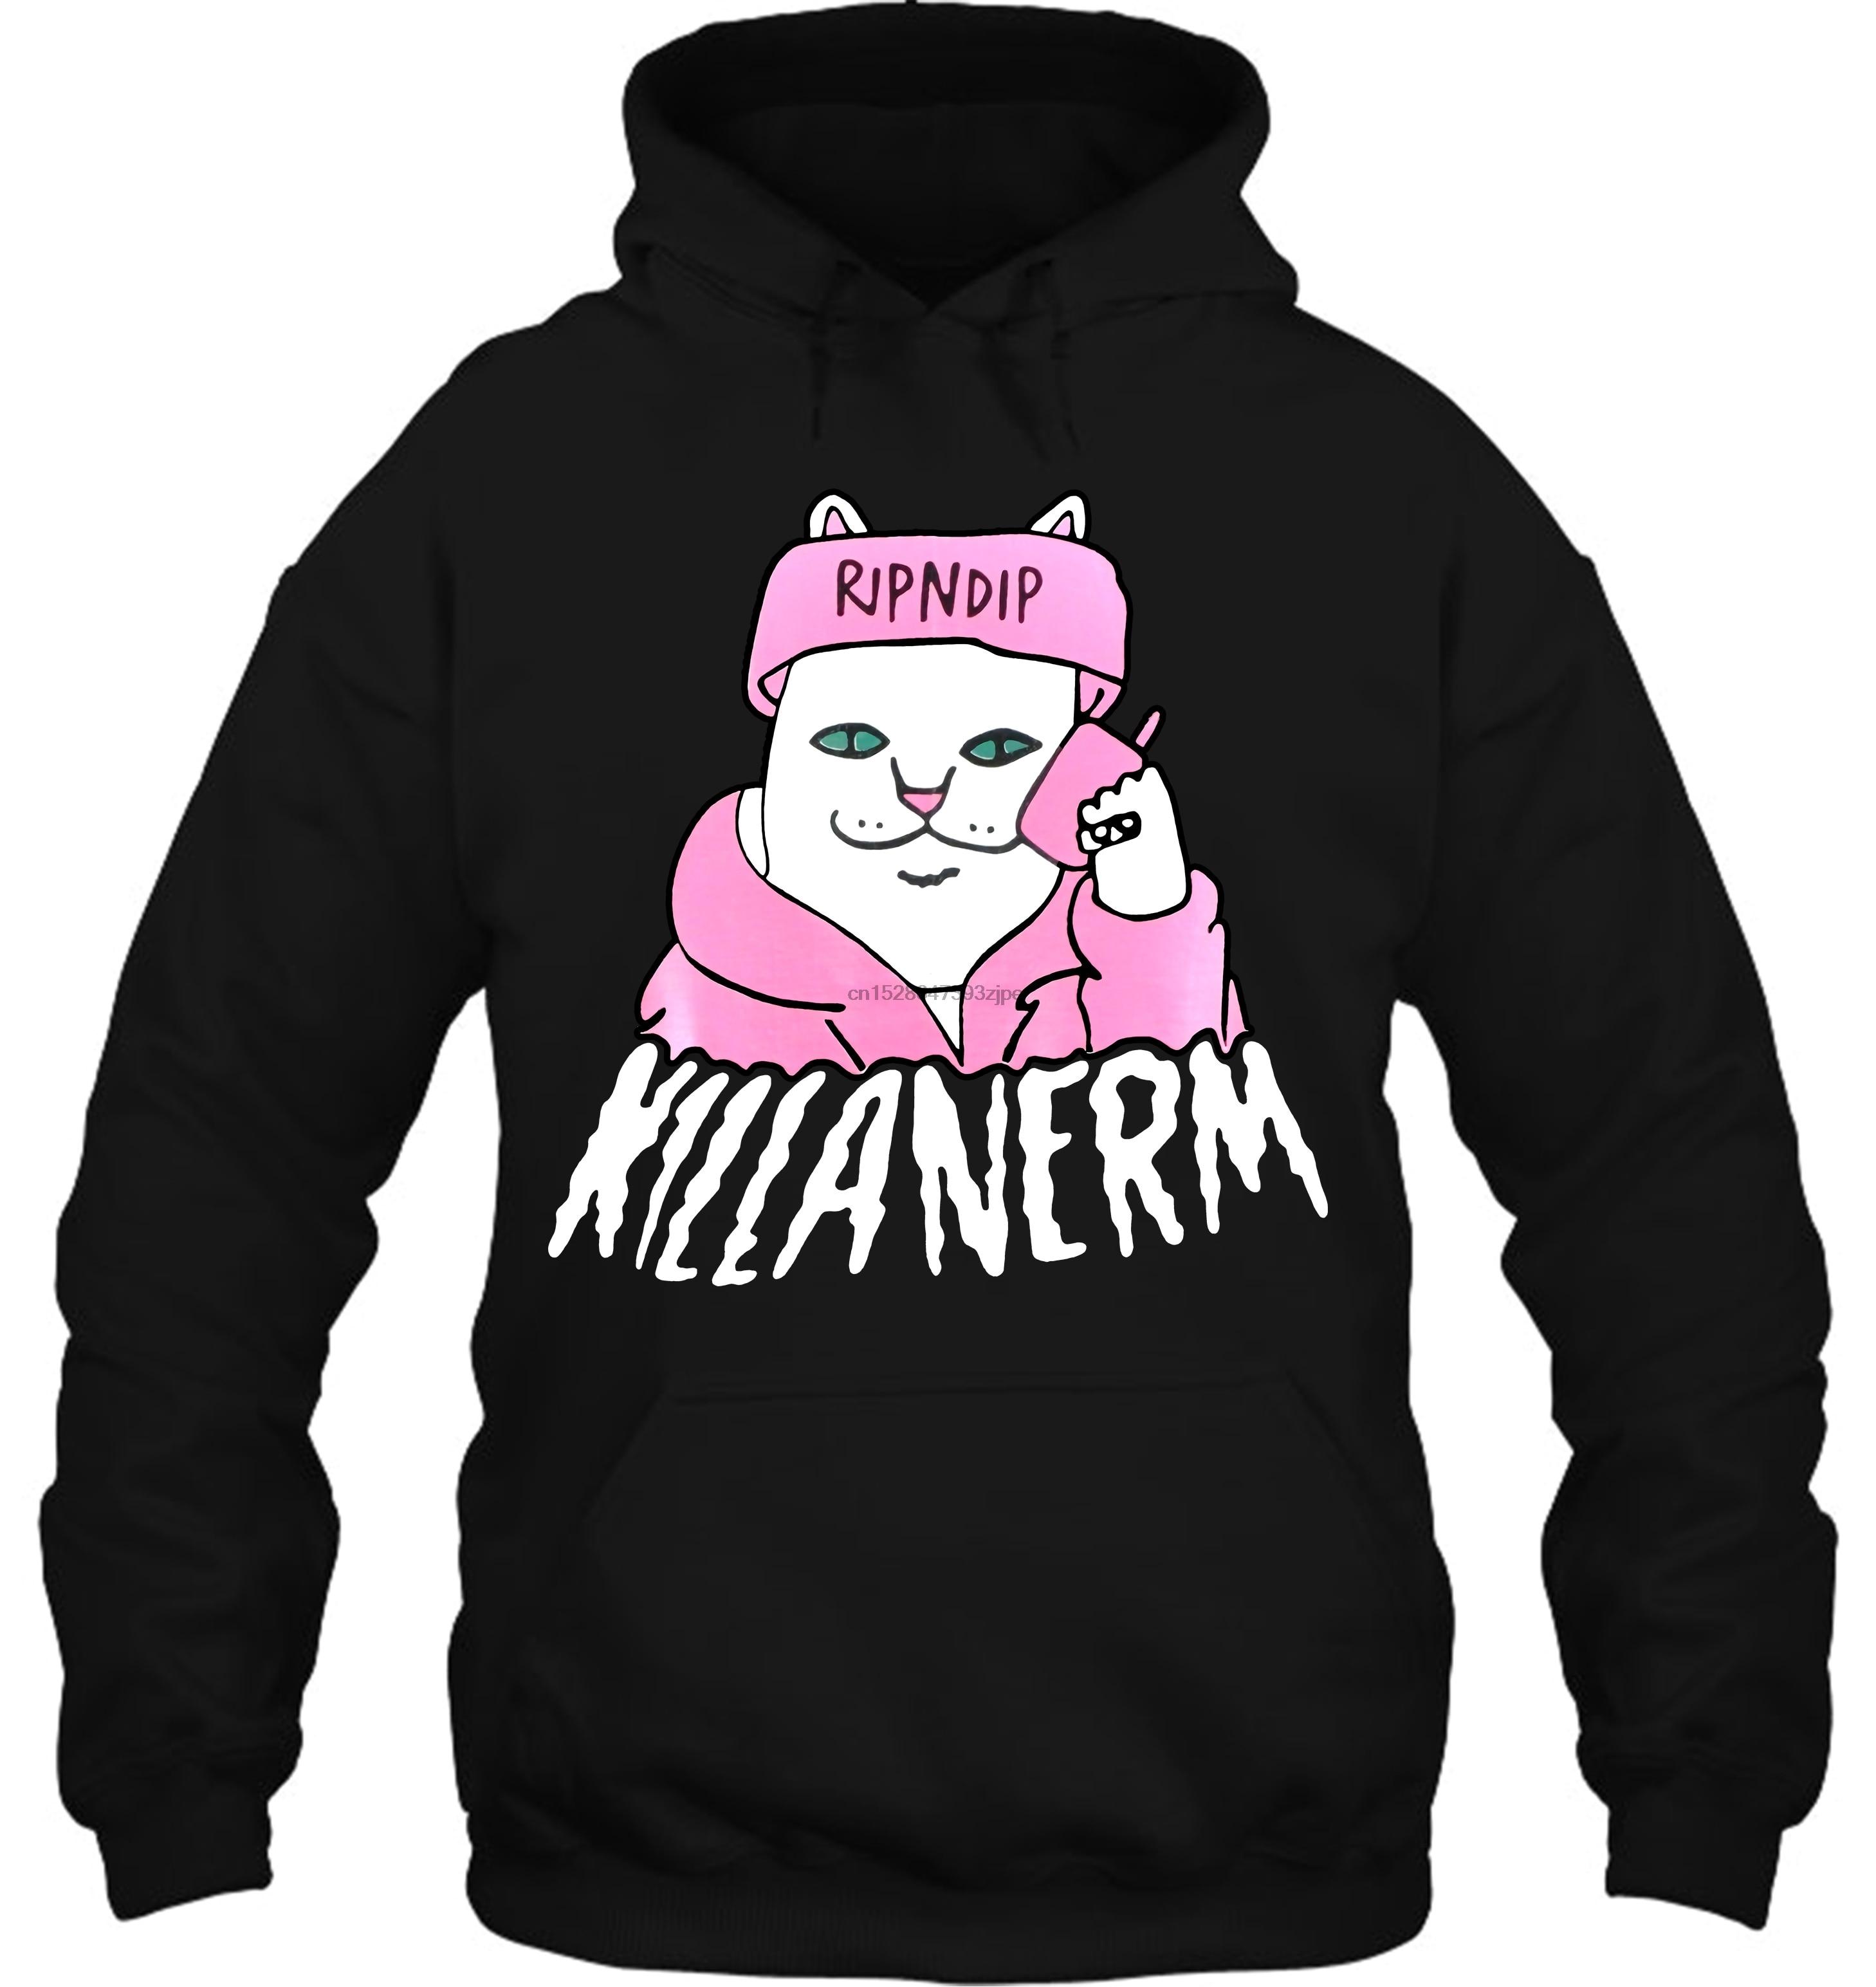 RIP N DIP Killa Nerm In Black Streetwear Men Women Hoodies Sweatshirts